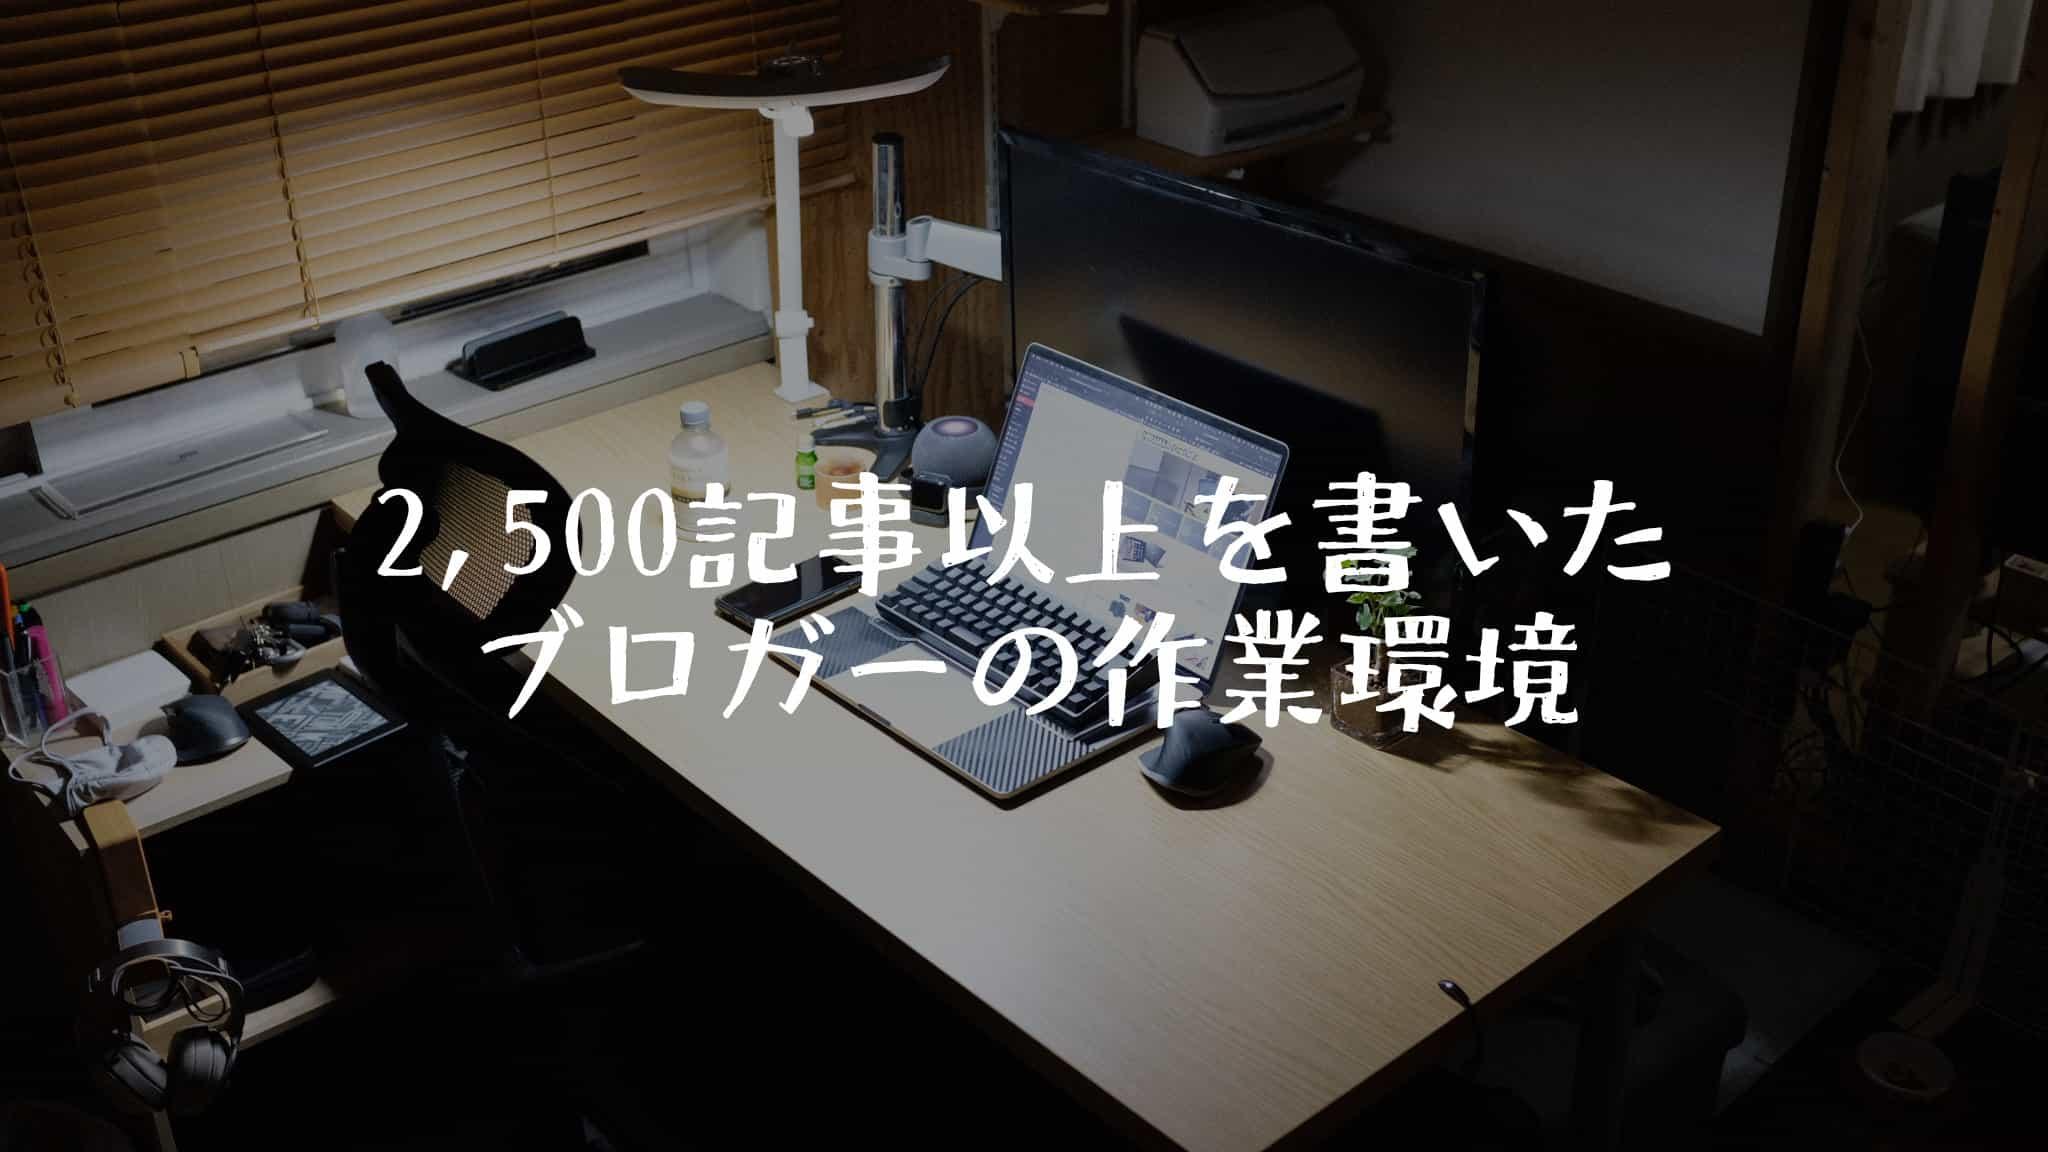 2,500記事以上を書いたブロガーの作業環境